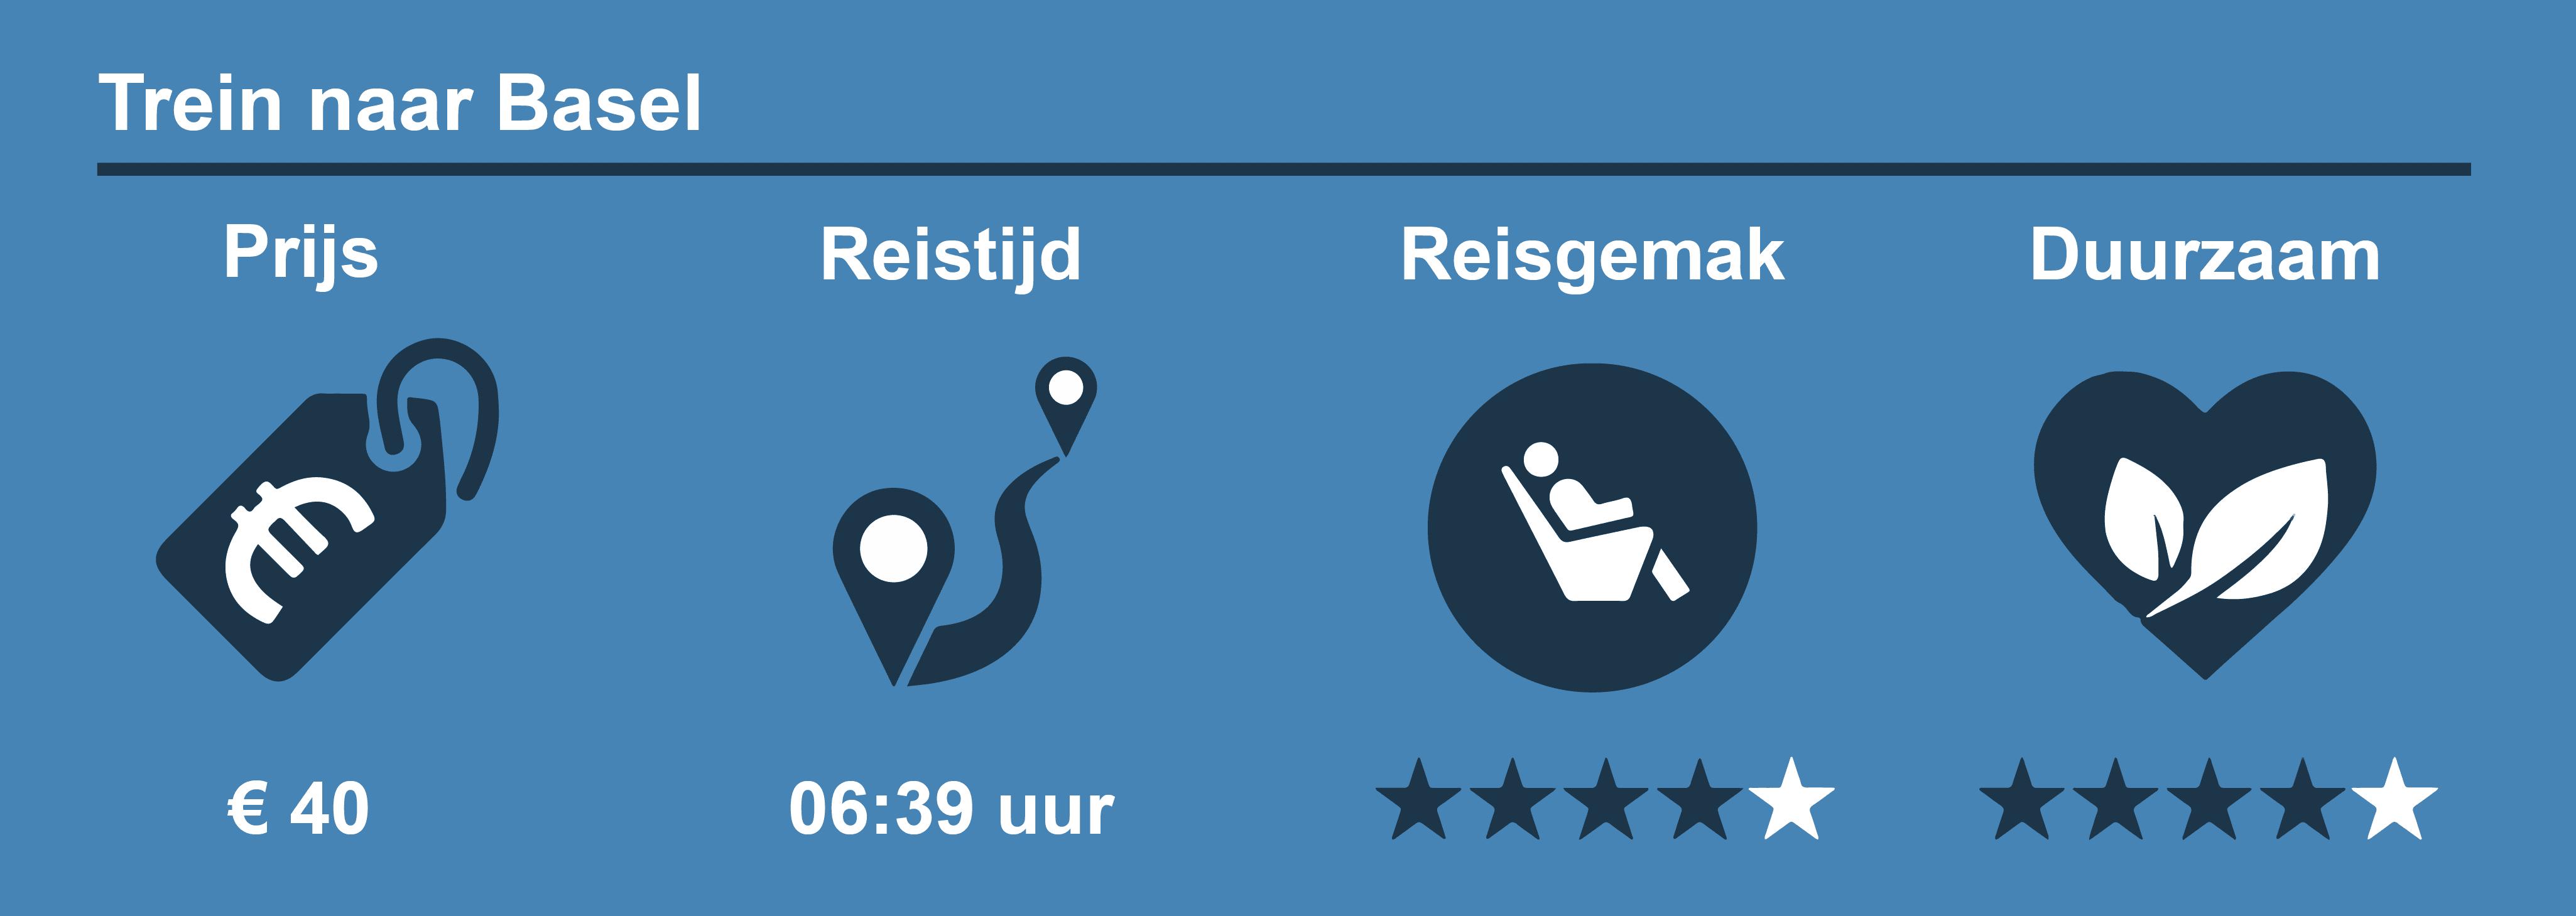 Trein Basel Reisinformatie